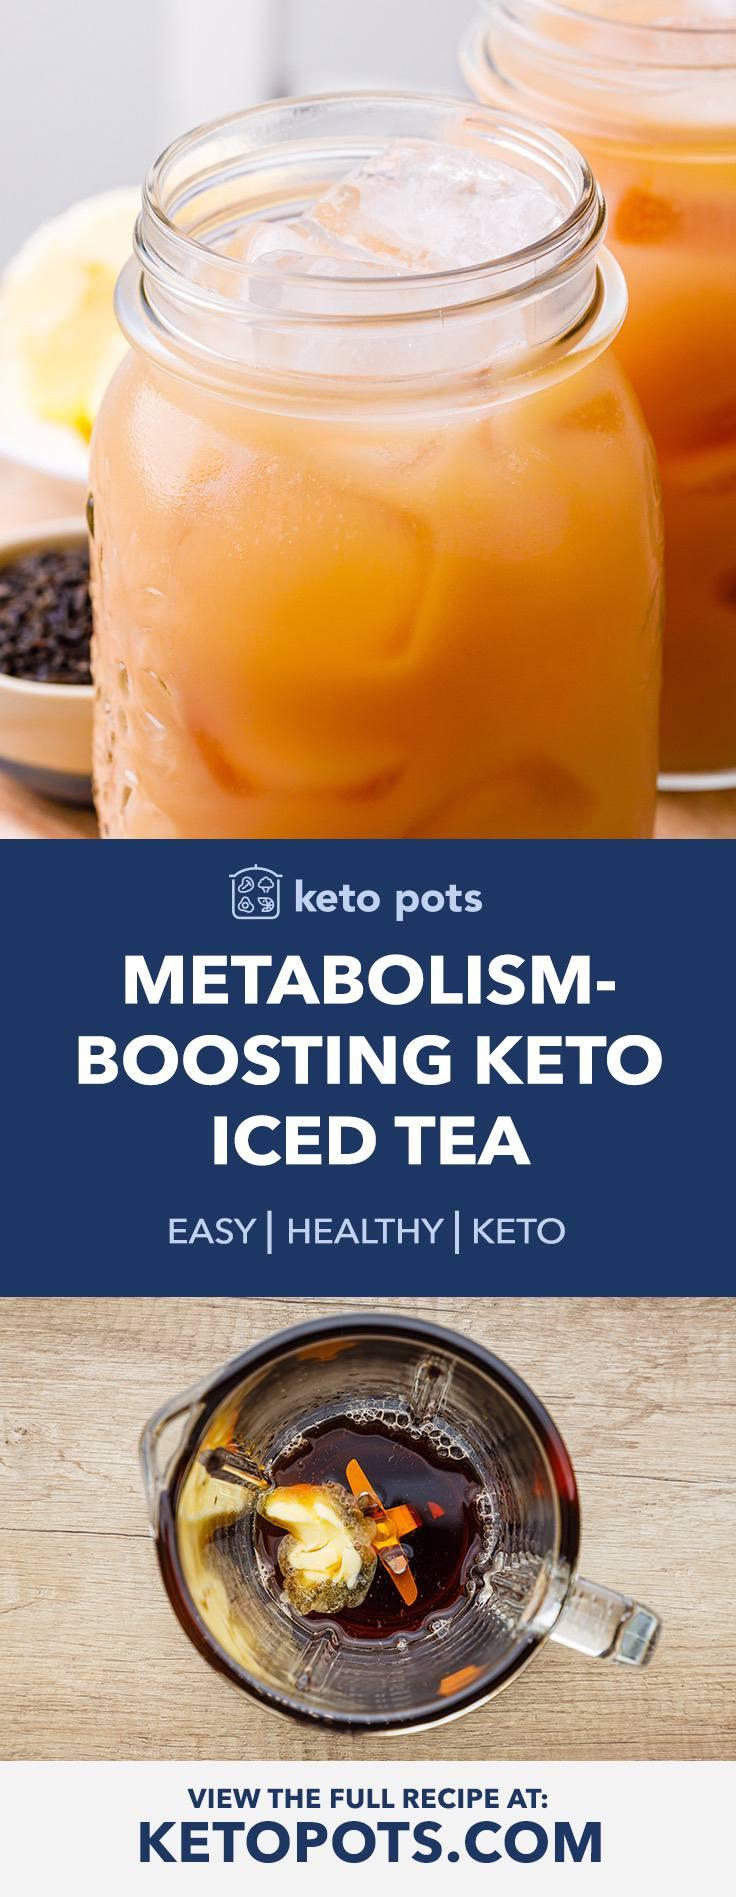 Metabolism-Boosting Iced Keto Bulletproof Tea